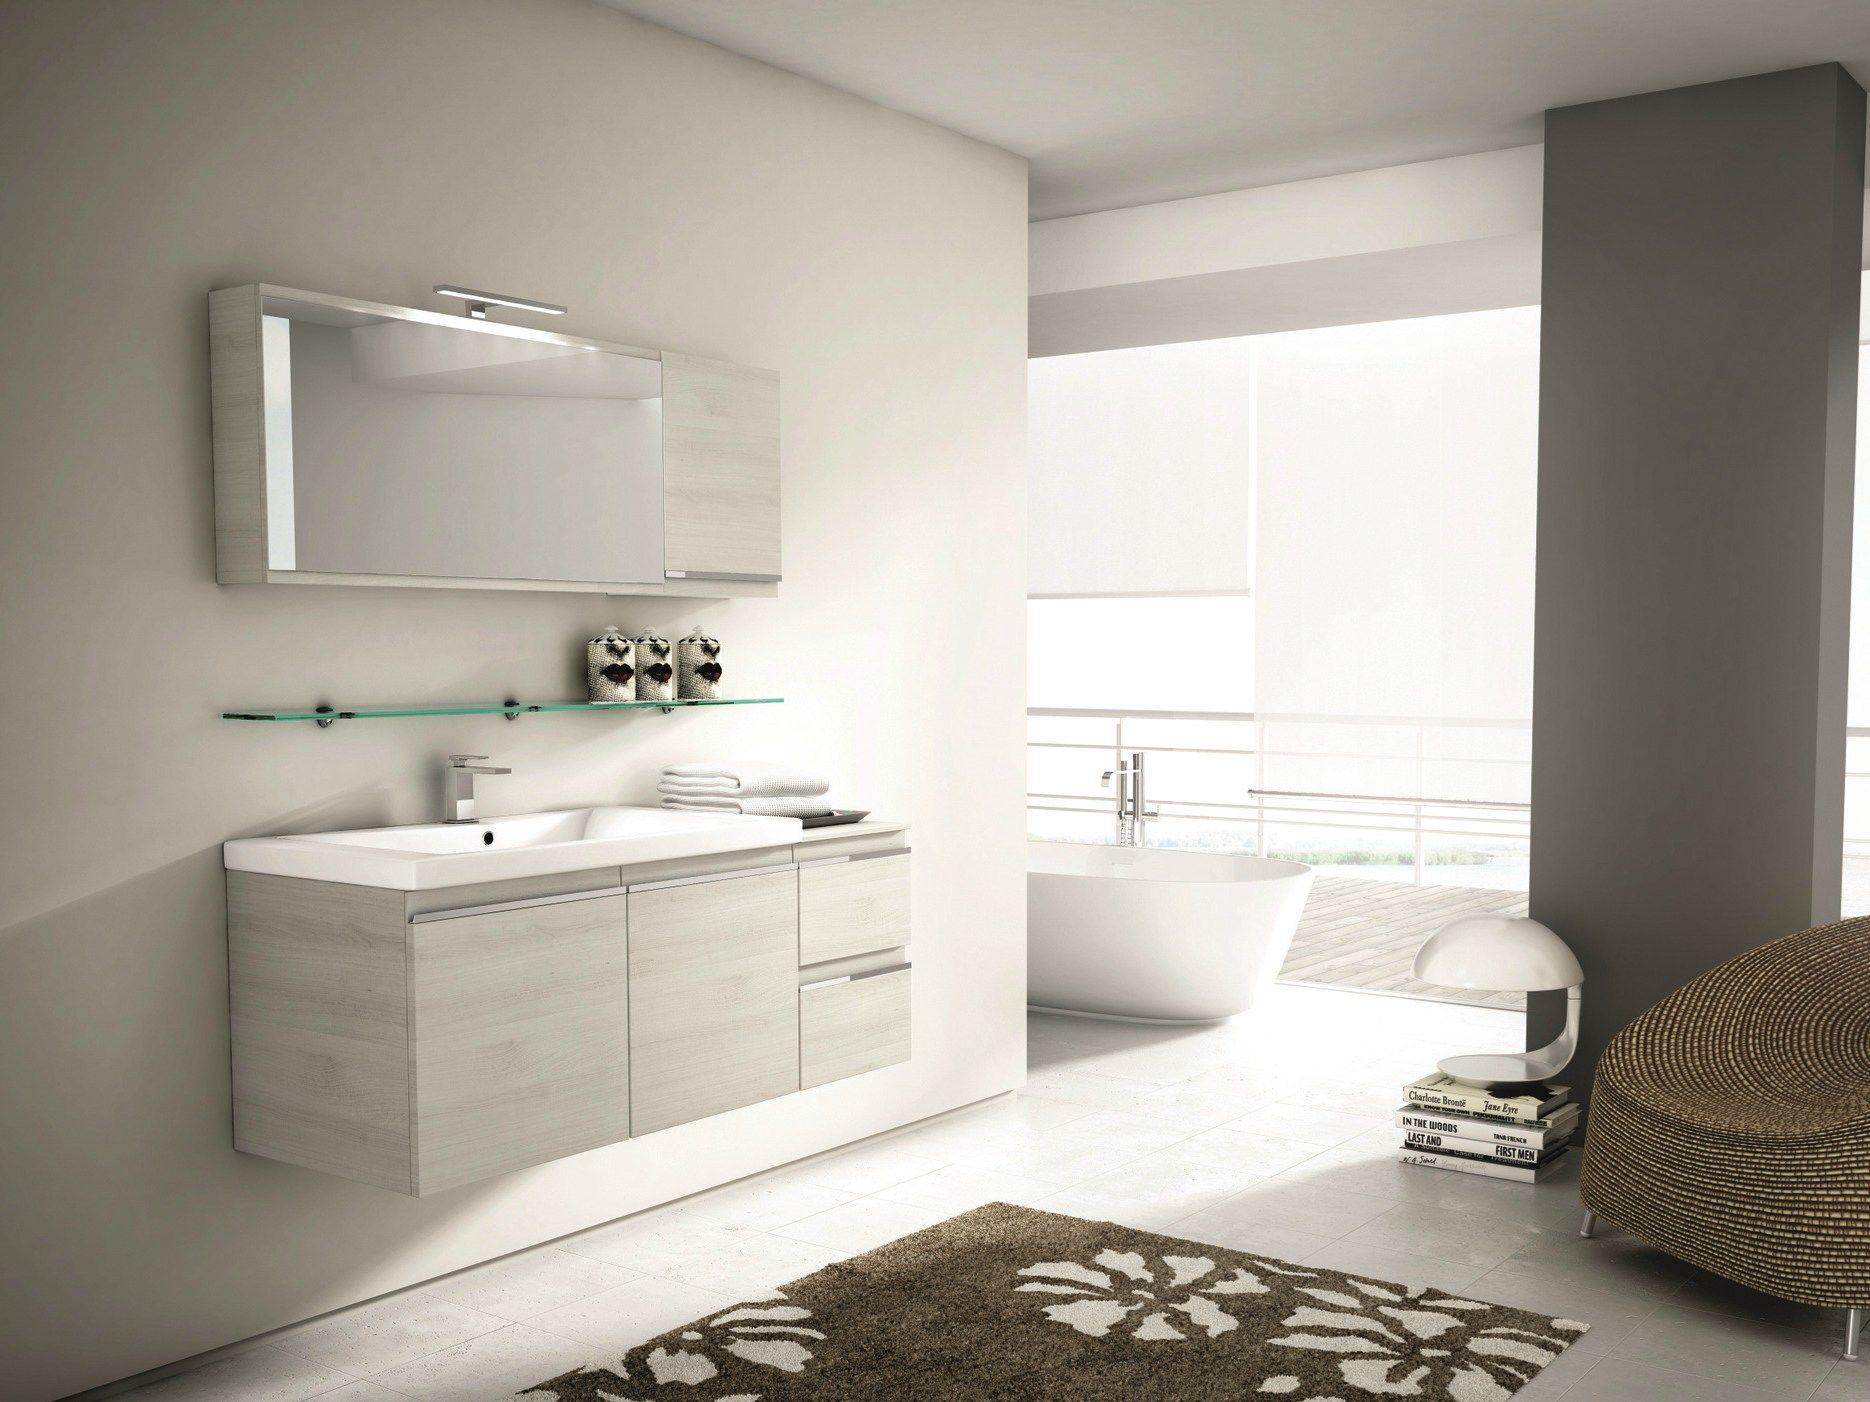 Mobile lavabo sospeso con cassetti con specchio mistral comp 08 by ideagroup - Lavabo sospeso con mobile ...